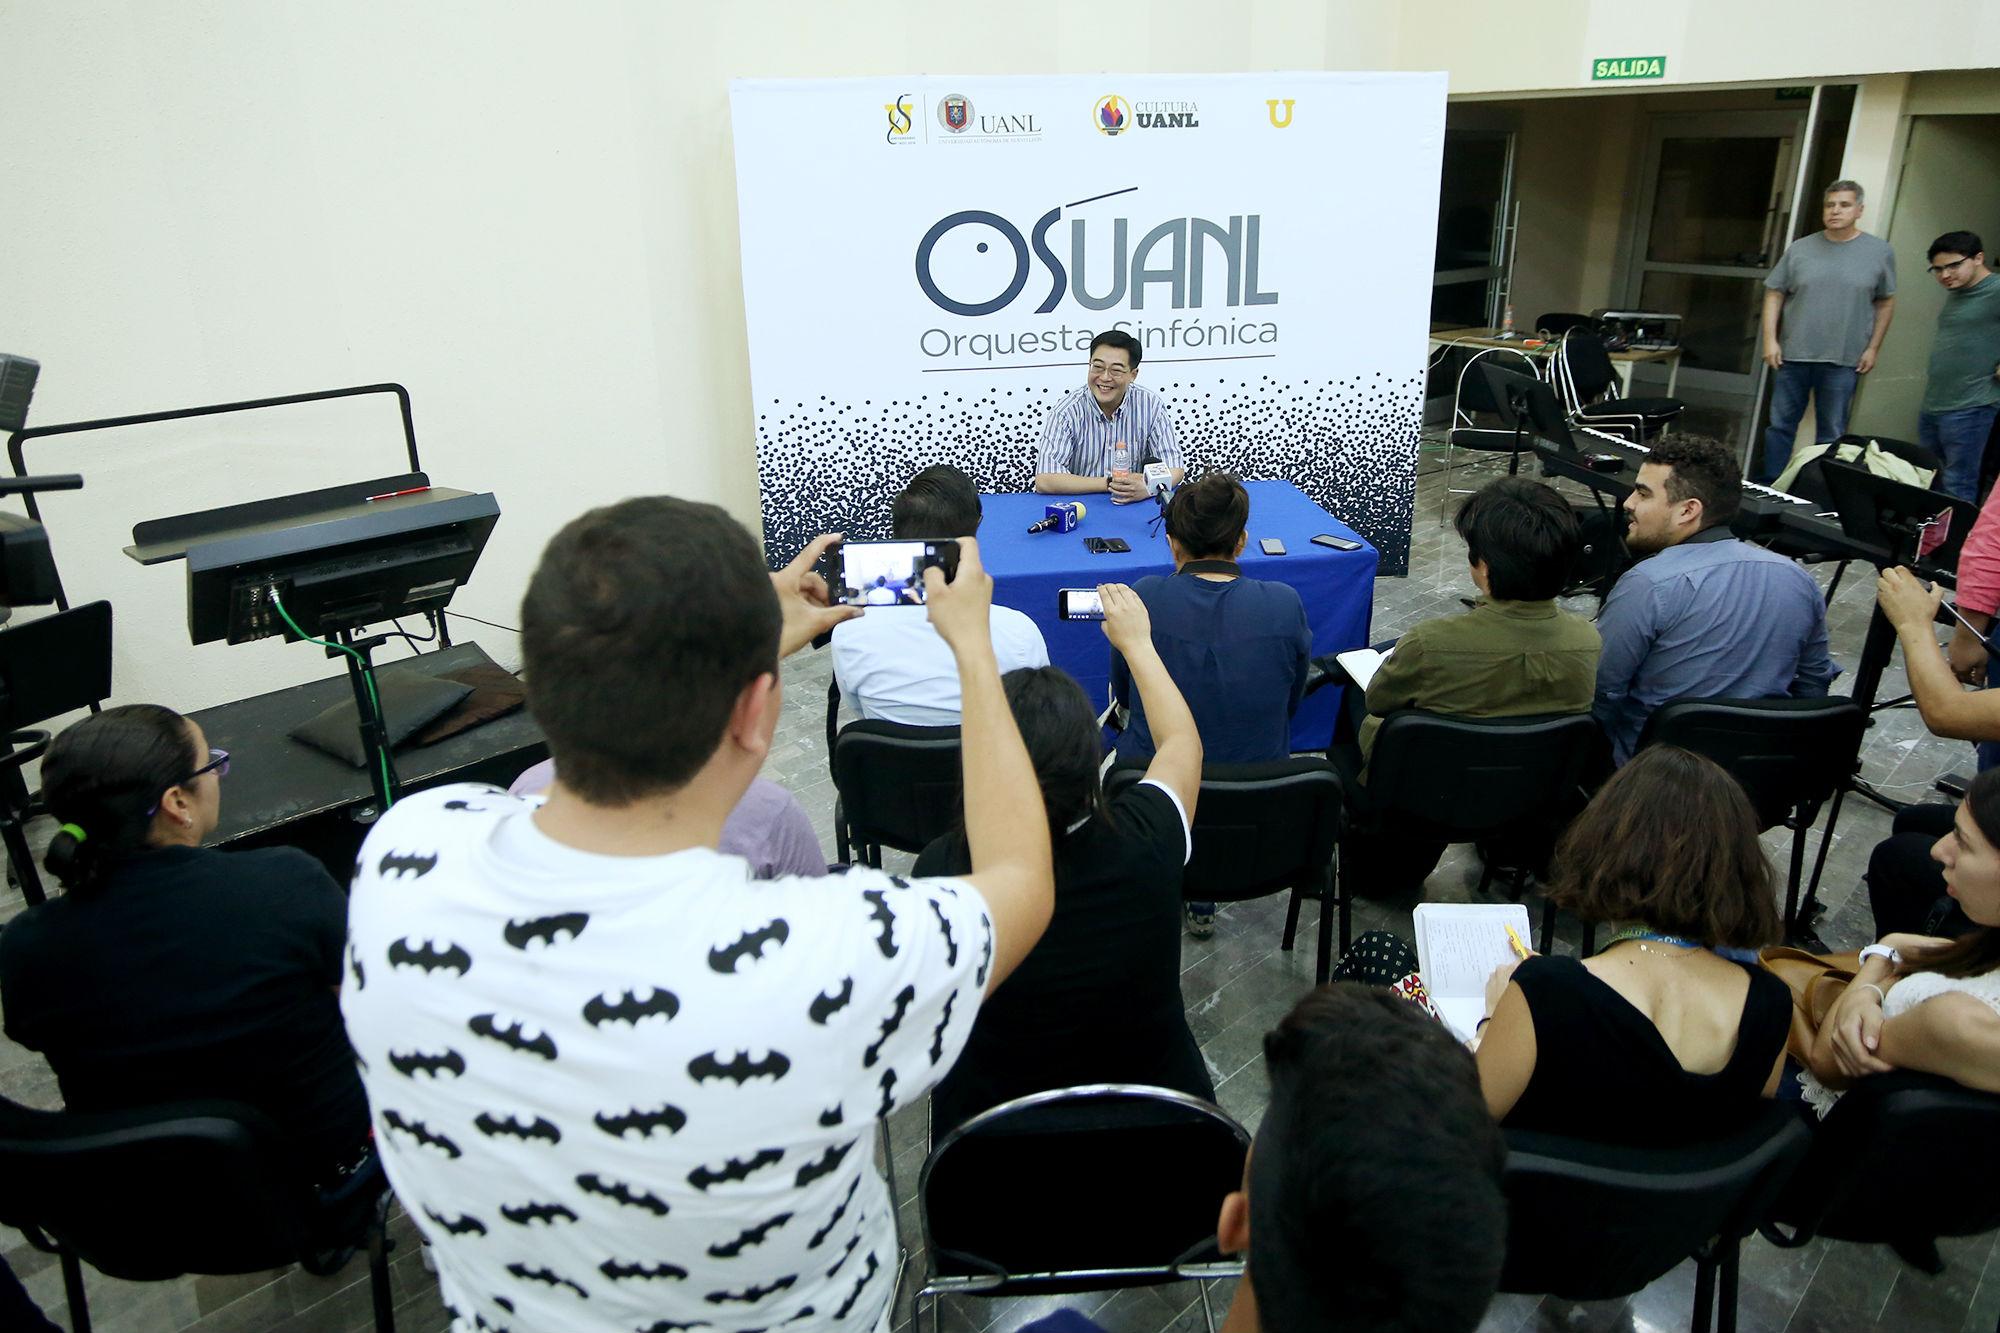 Rueda de prensa para el concierto de la OSUANL con los temas de la película de Harry Potter y el Prisionero de Azkaban